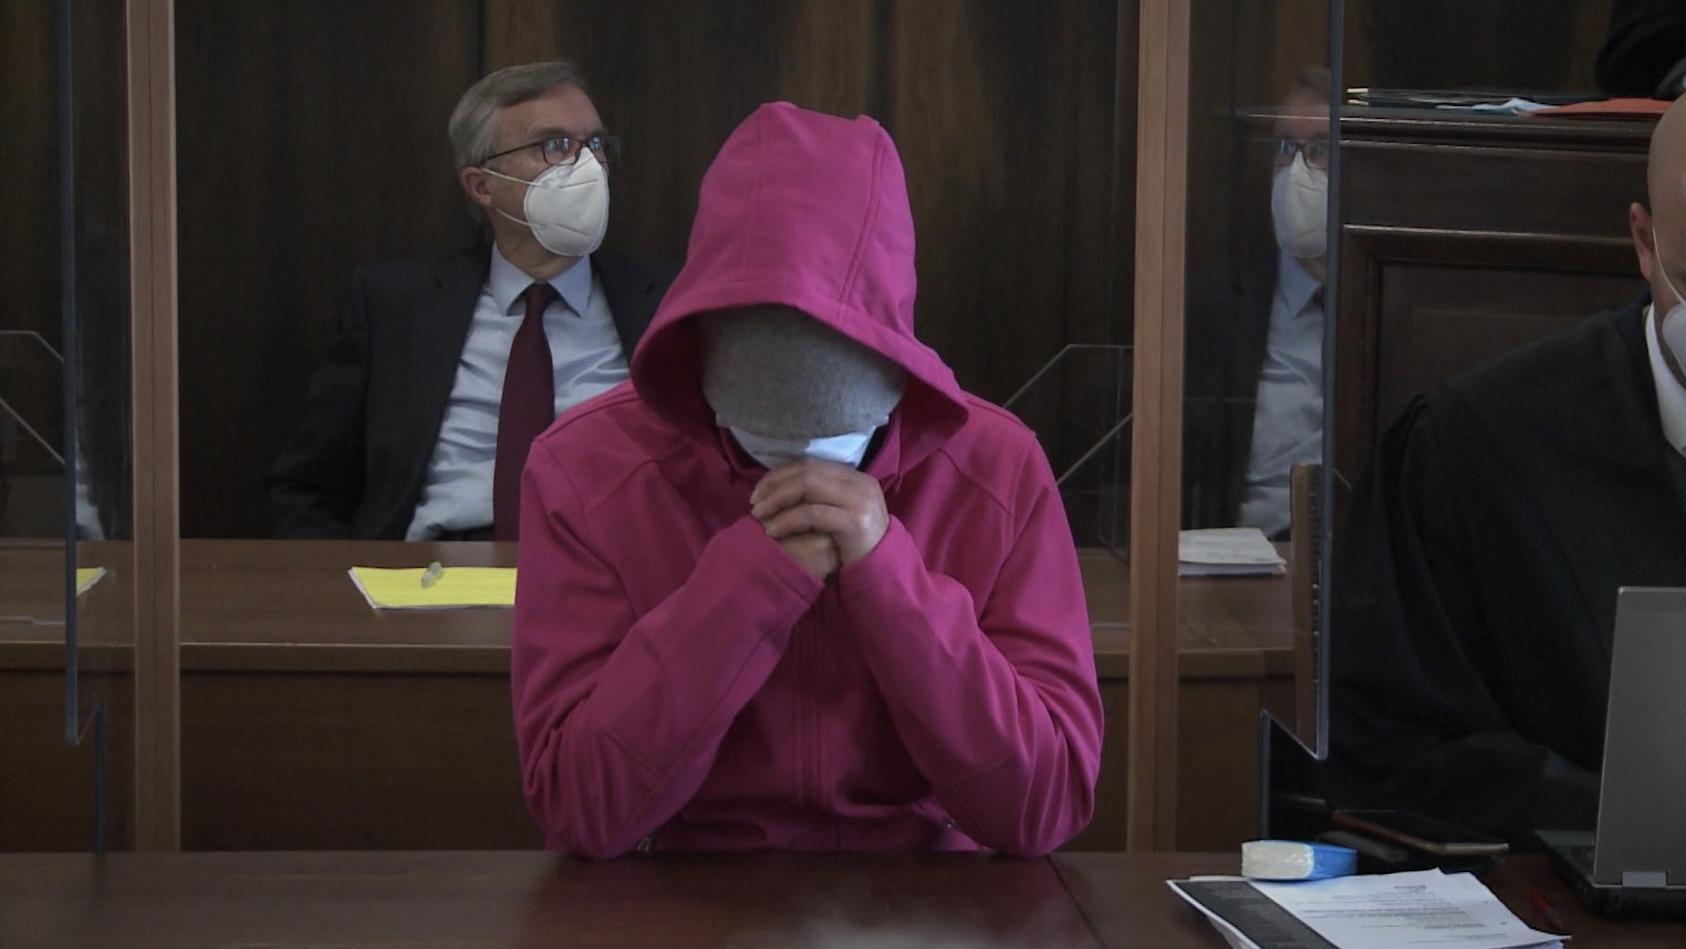 Die Angeklagte hatte vor Gericht erklärt, wegen Alkohol- und Medikamentenkonsums nichts mitbekommen zu haben.